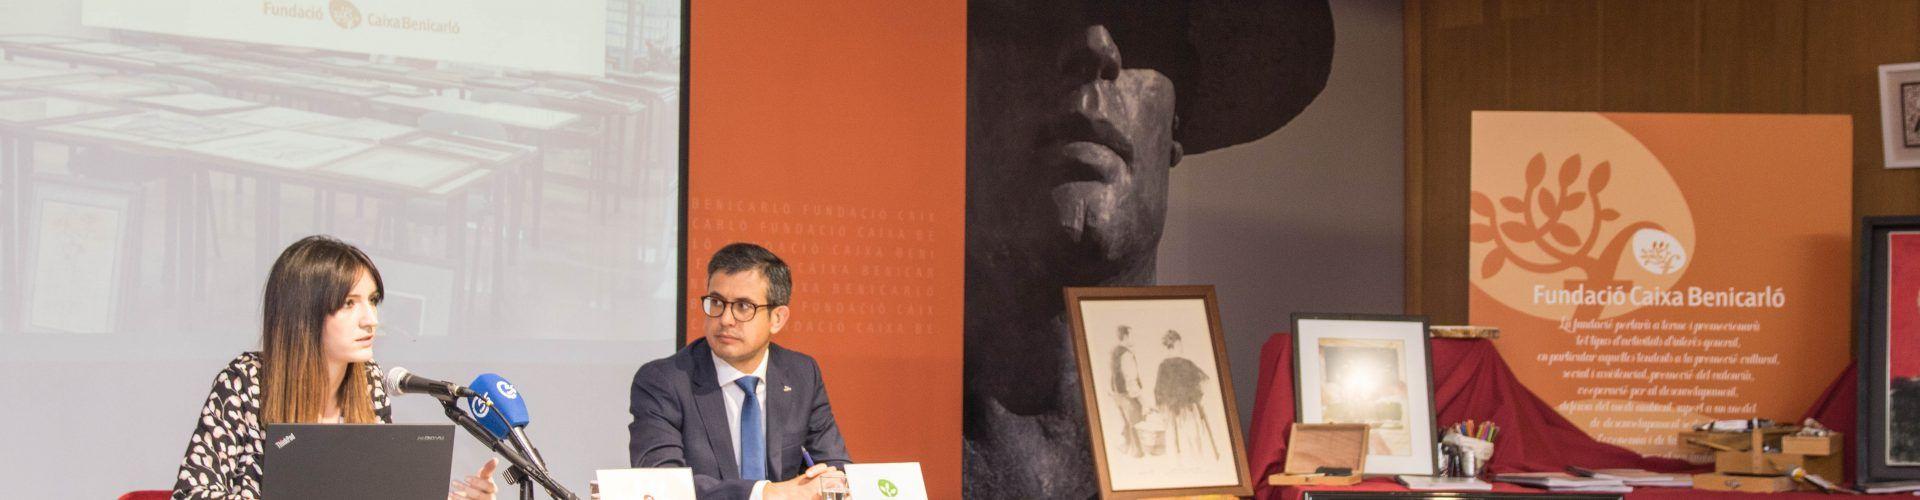 Presentació dels treballs del fons artístic de Caixa Benicarló